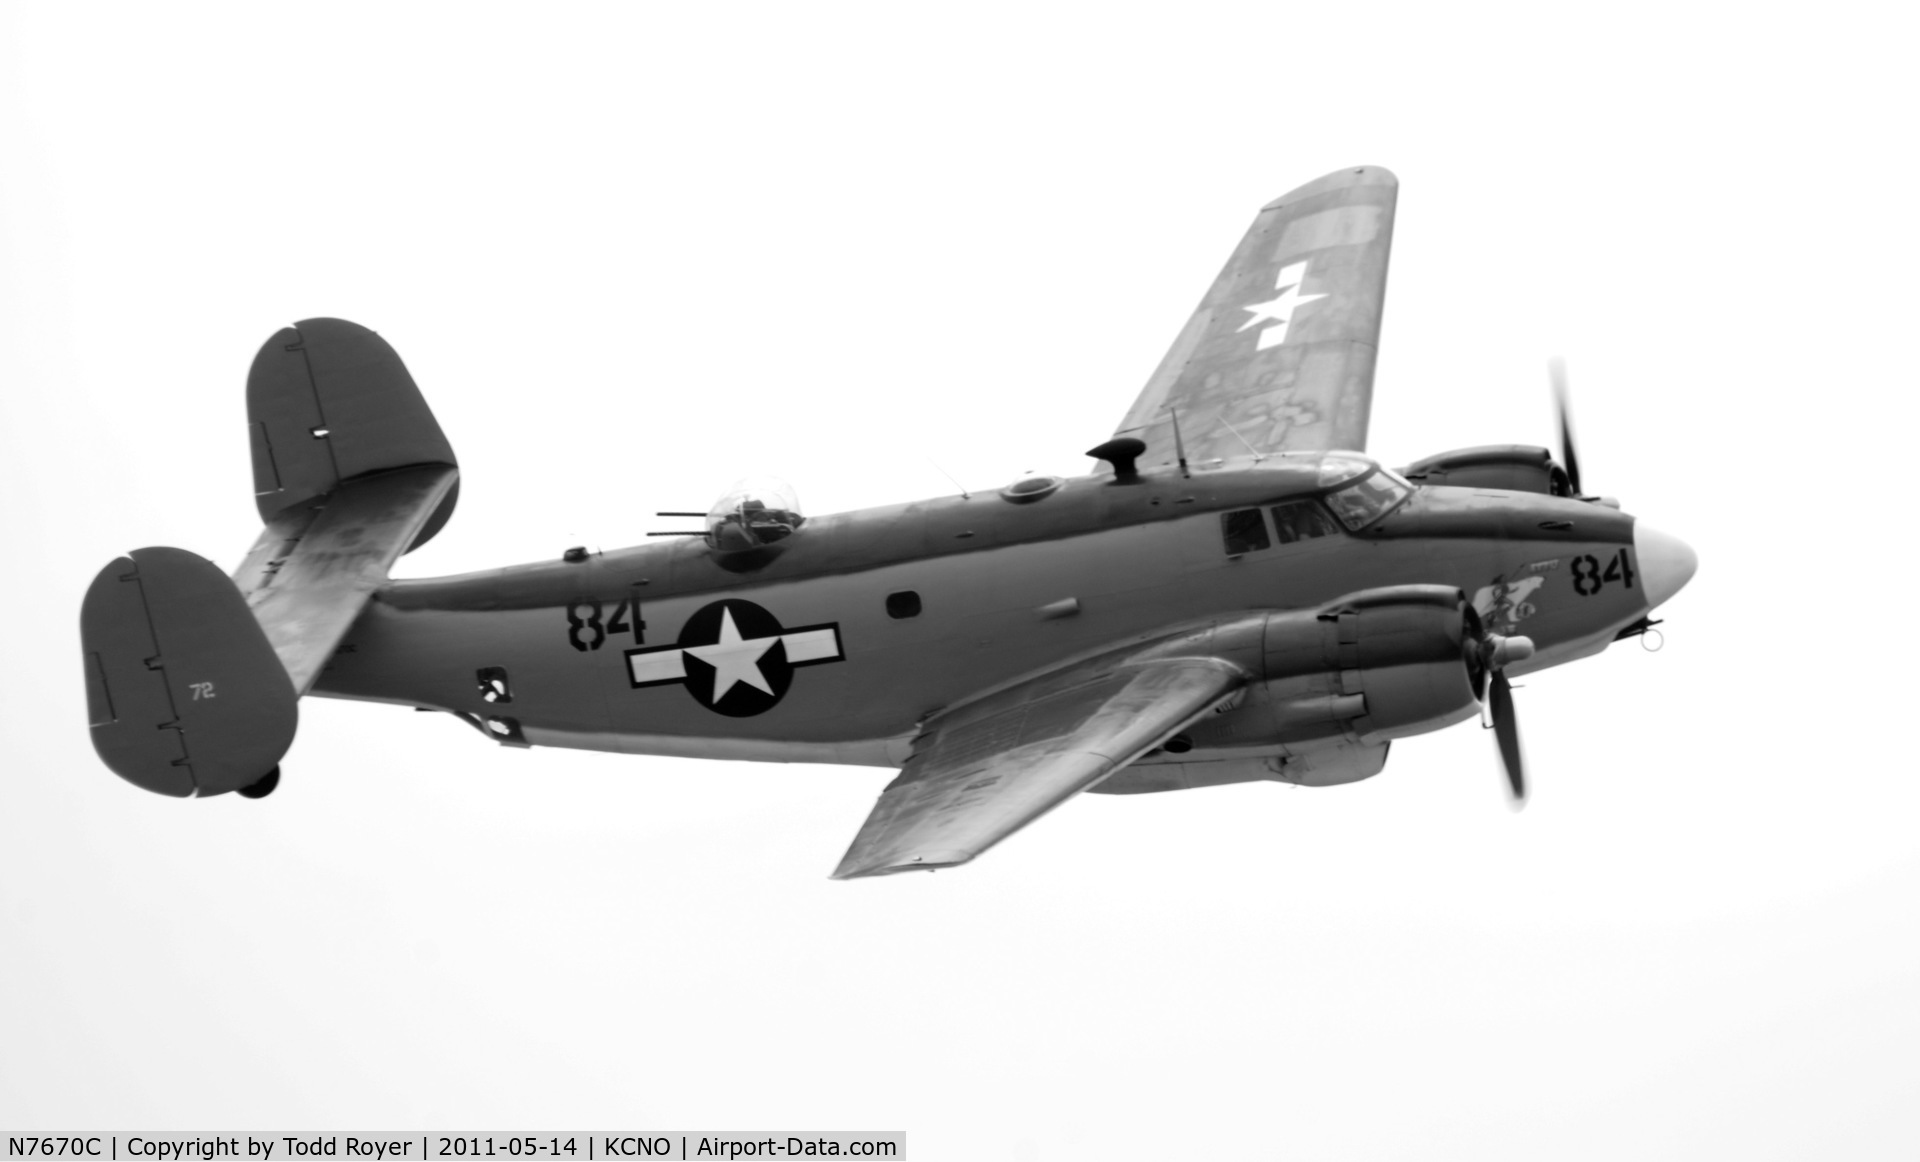 N7670C, 1957 Lockheed PV-2 Harpoon C/N 15-1438 (Bu37472), Chino Airshow 2011